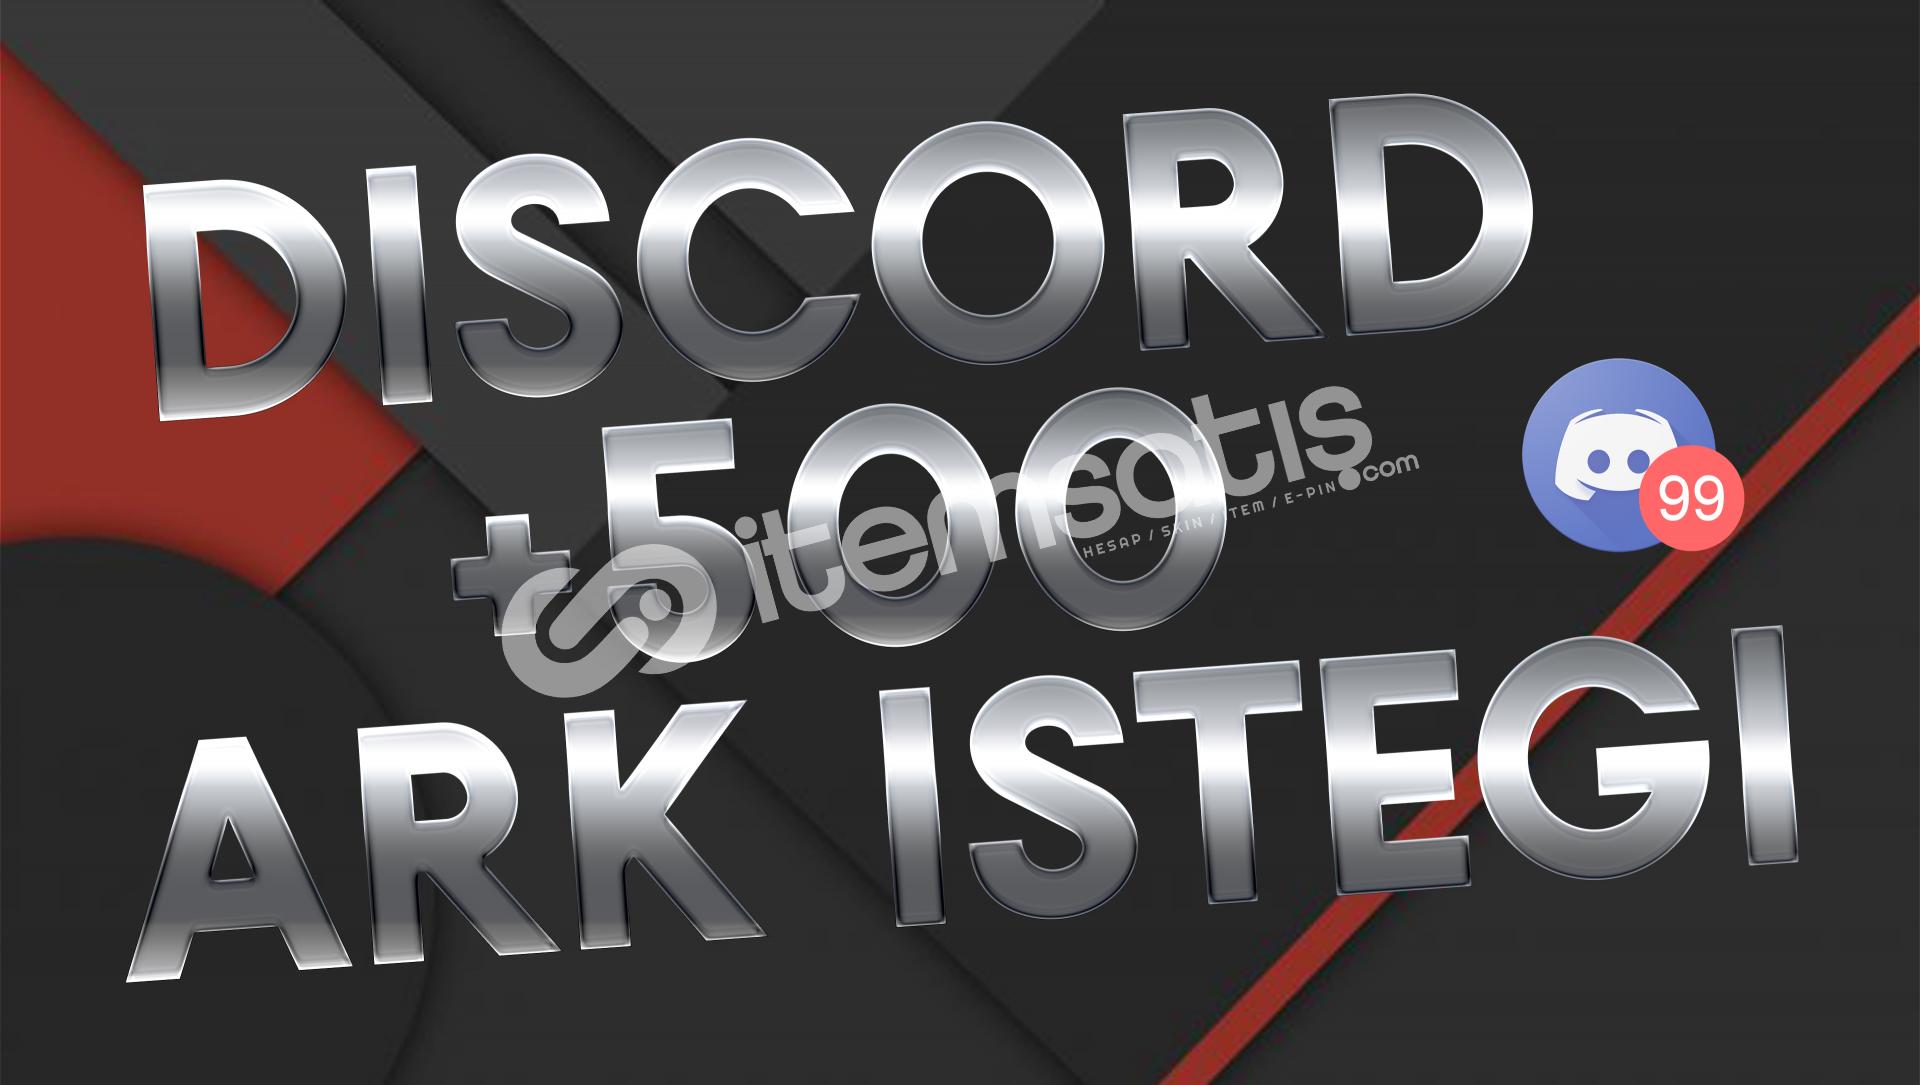 Discord 500 Adet Arkadaşlık İsteği